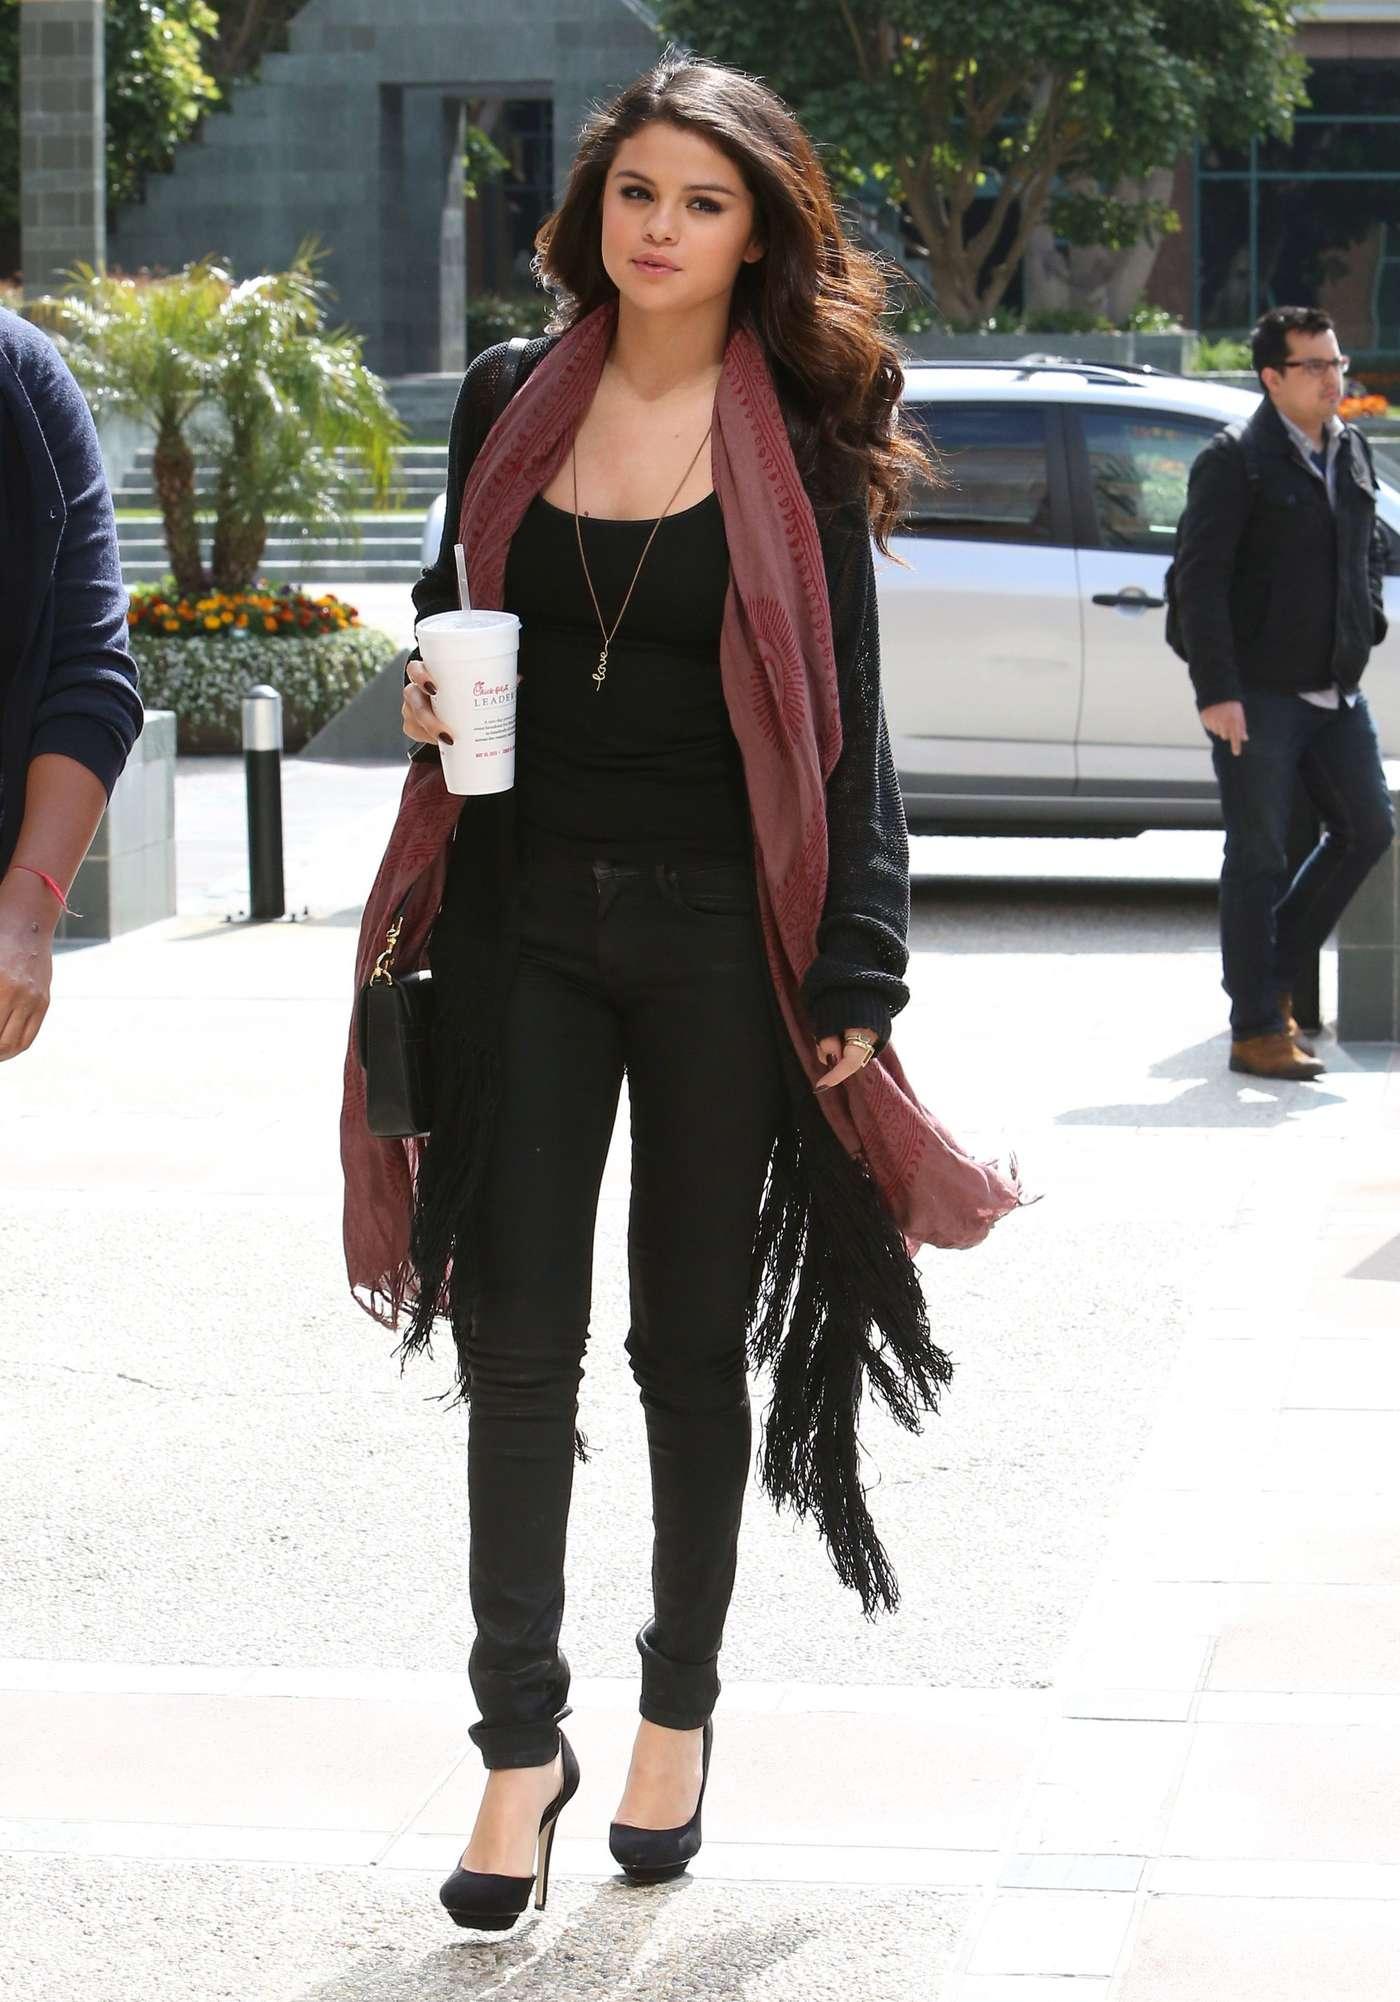 Selena Gomez Out In La 04 Gotceleb